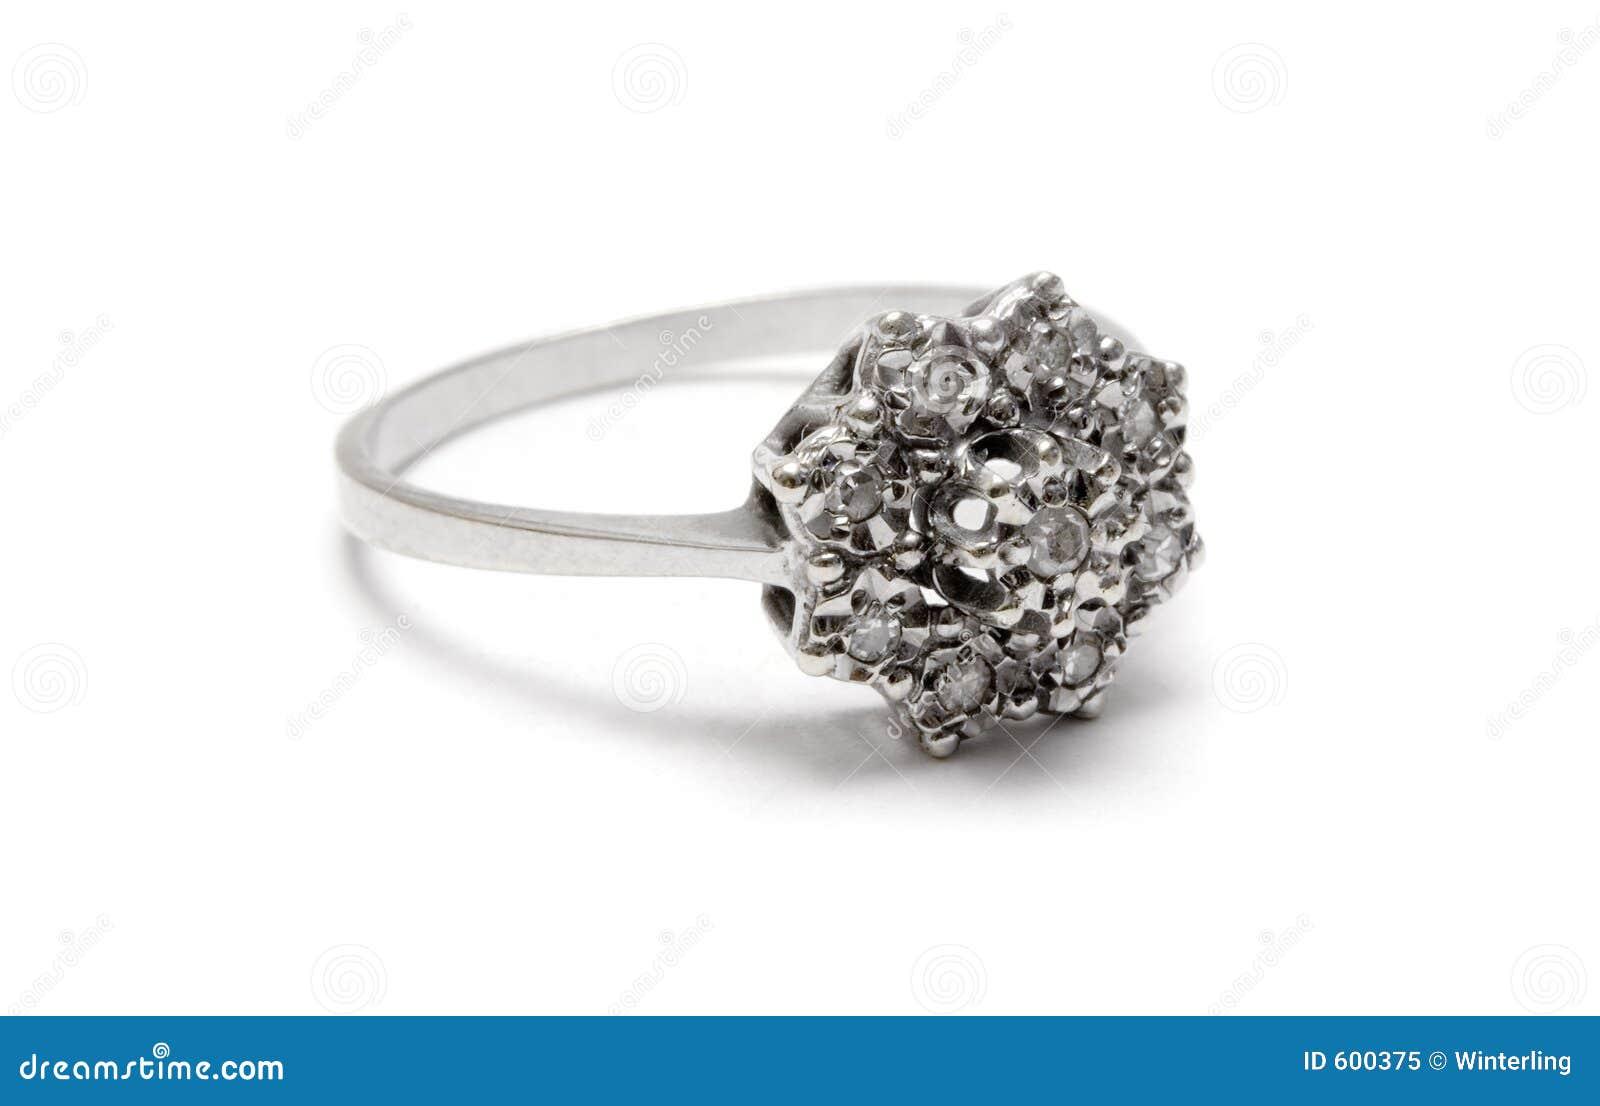 De Zilveren Ring van de Bloesem van de diamant